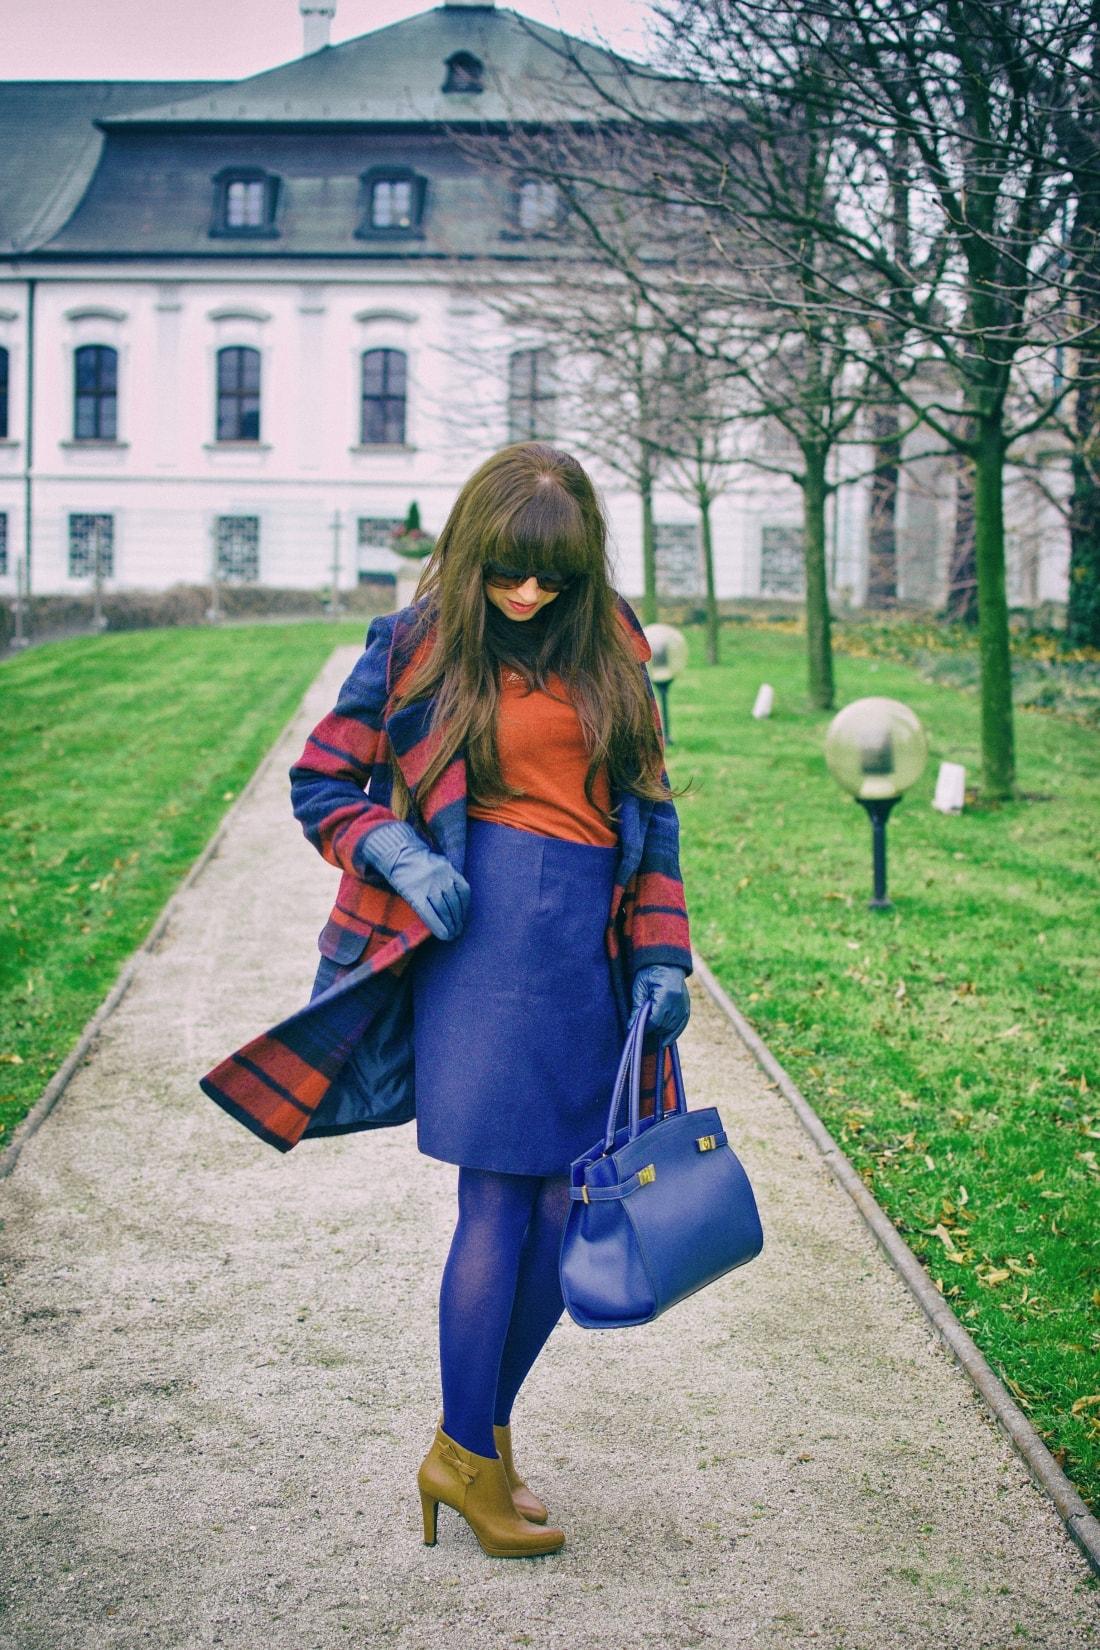 Tvoj osobný upgrade_Katharine-fashion is beautiful_blog 7_vzorovaný kabát_elegancia_bordovomodrá_Katarína Jakubčová_Fashion blogger